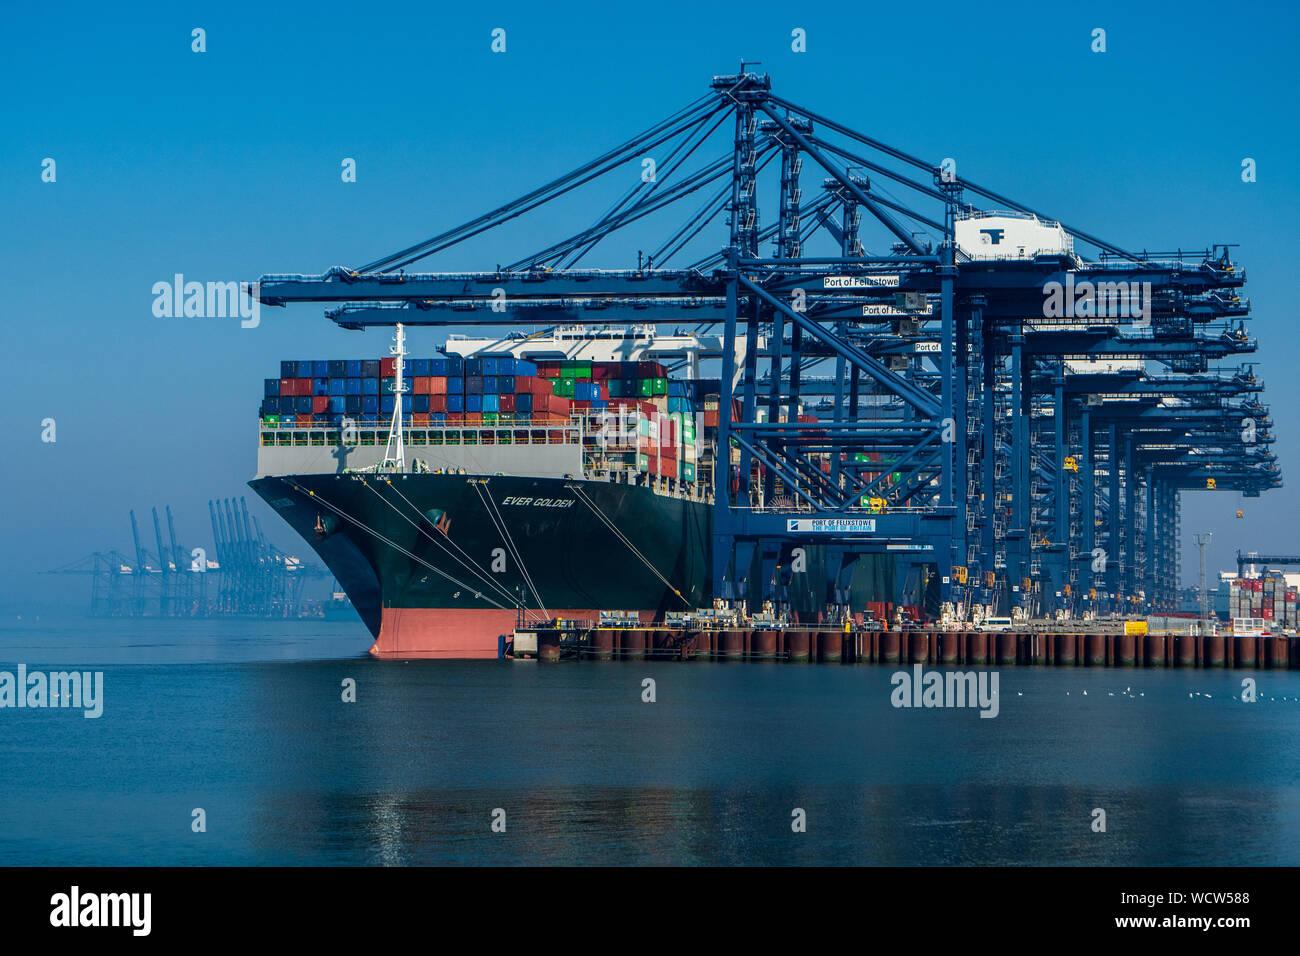 Global Britain - UK Trade en el puerto de contenedores Felixstowe - el buque de contenedores de oro Ever descarga la carga en el puerto de Felixstowe Reino Unido Foto de stock